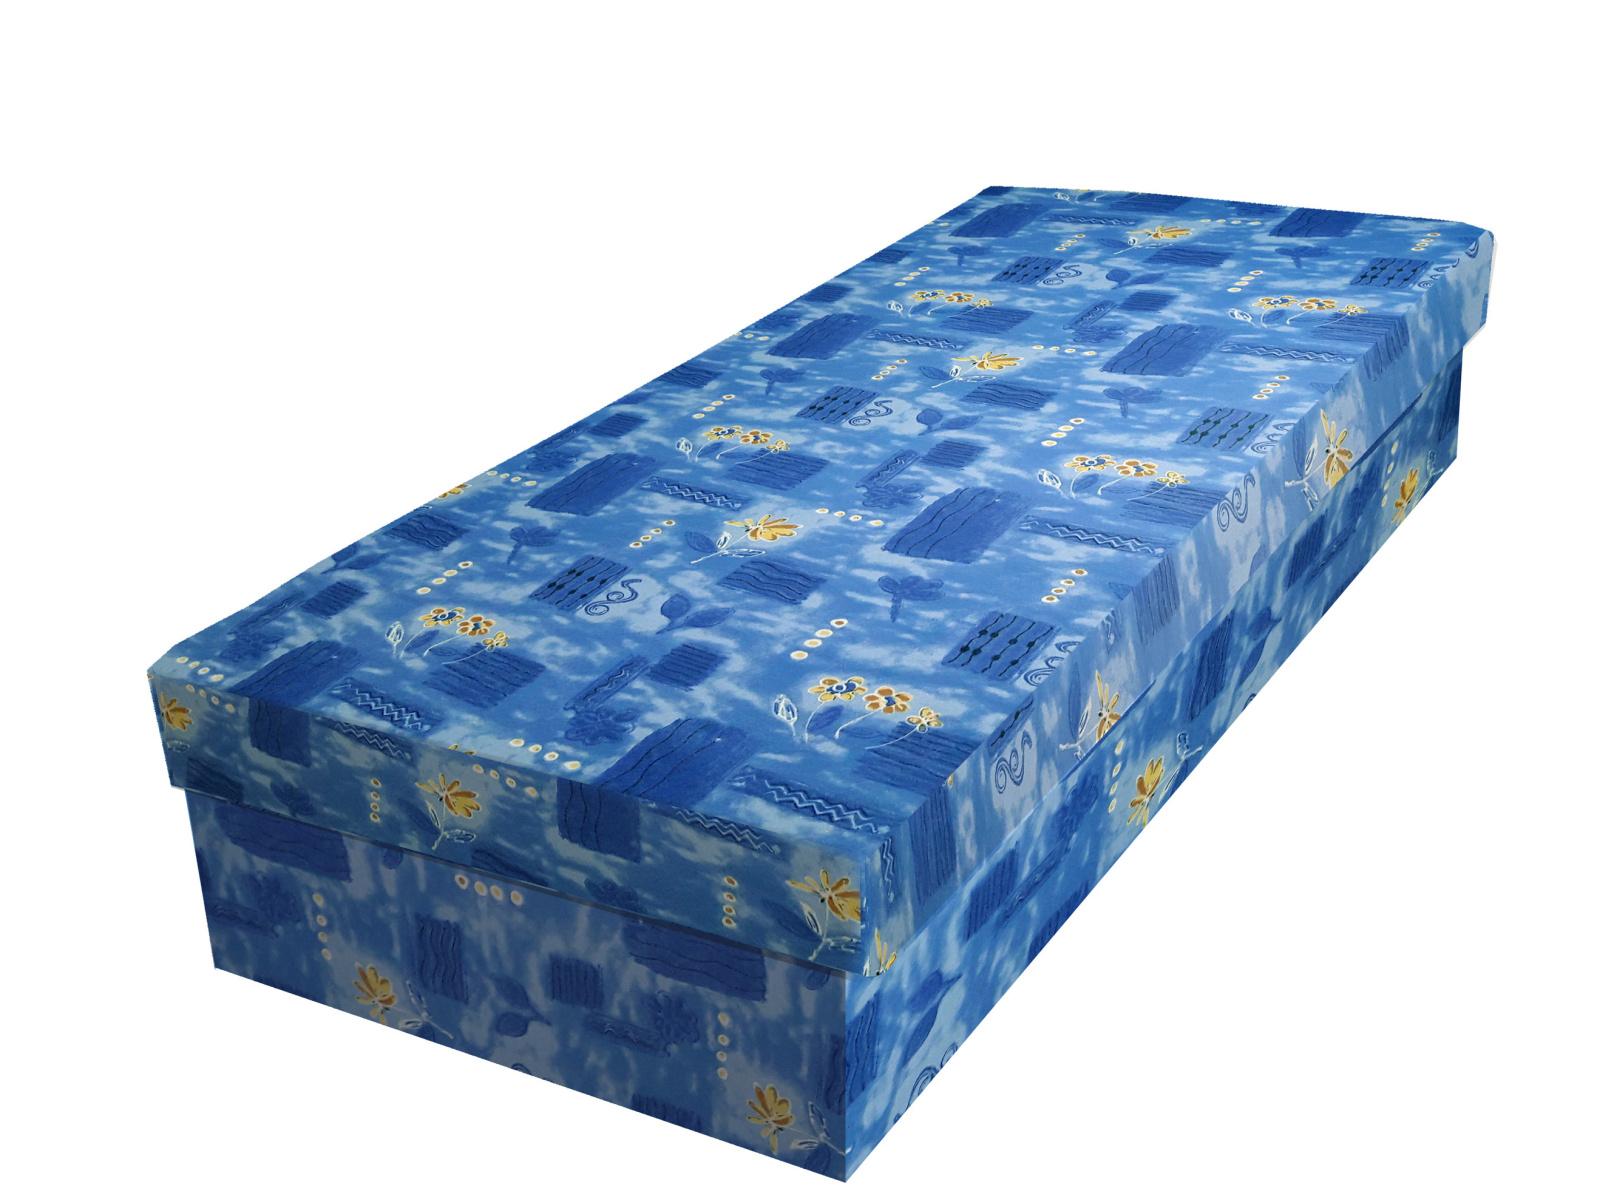 Smartshop Válenda JUNIOR 80x195 cm, modrá látka OSOBNÍ ODBĚR DOPRODEJ